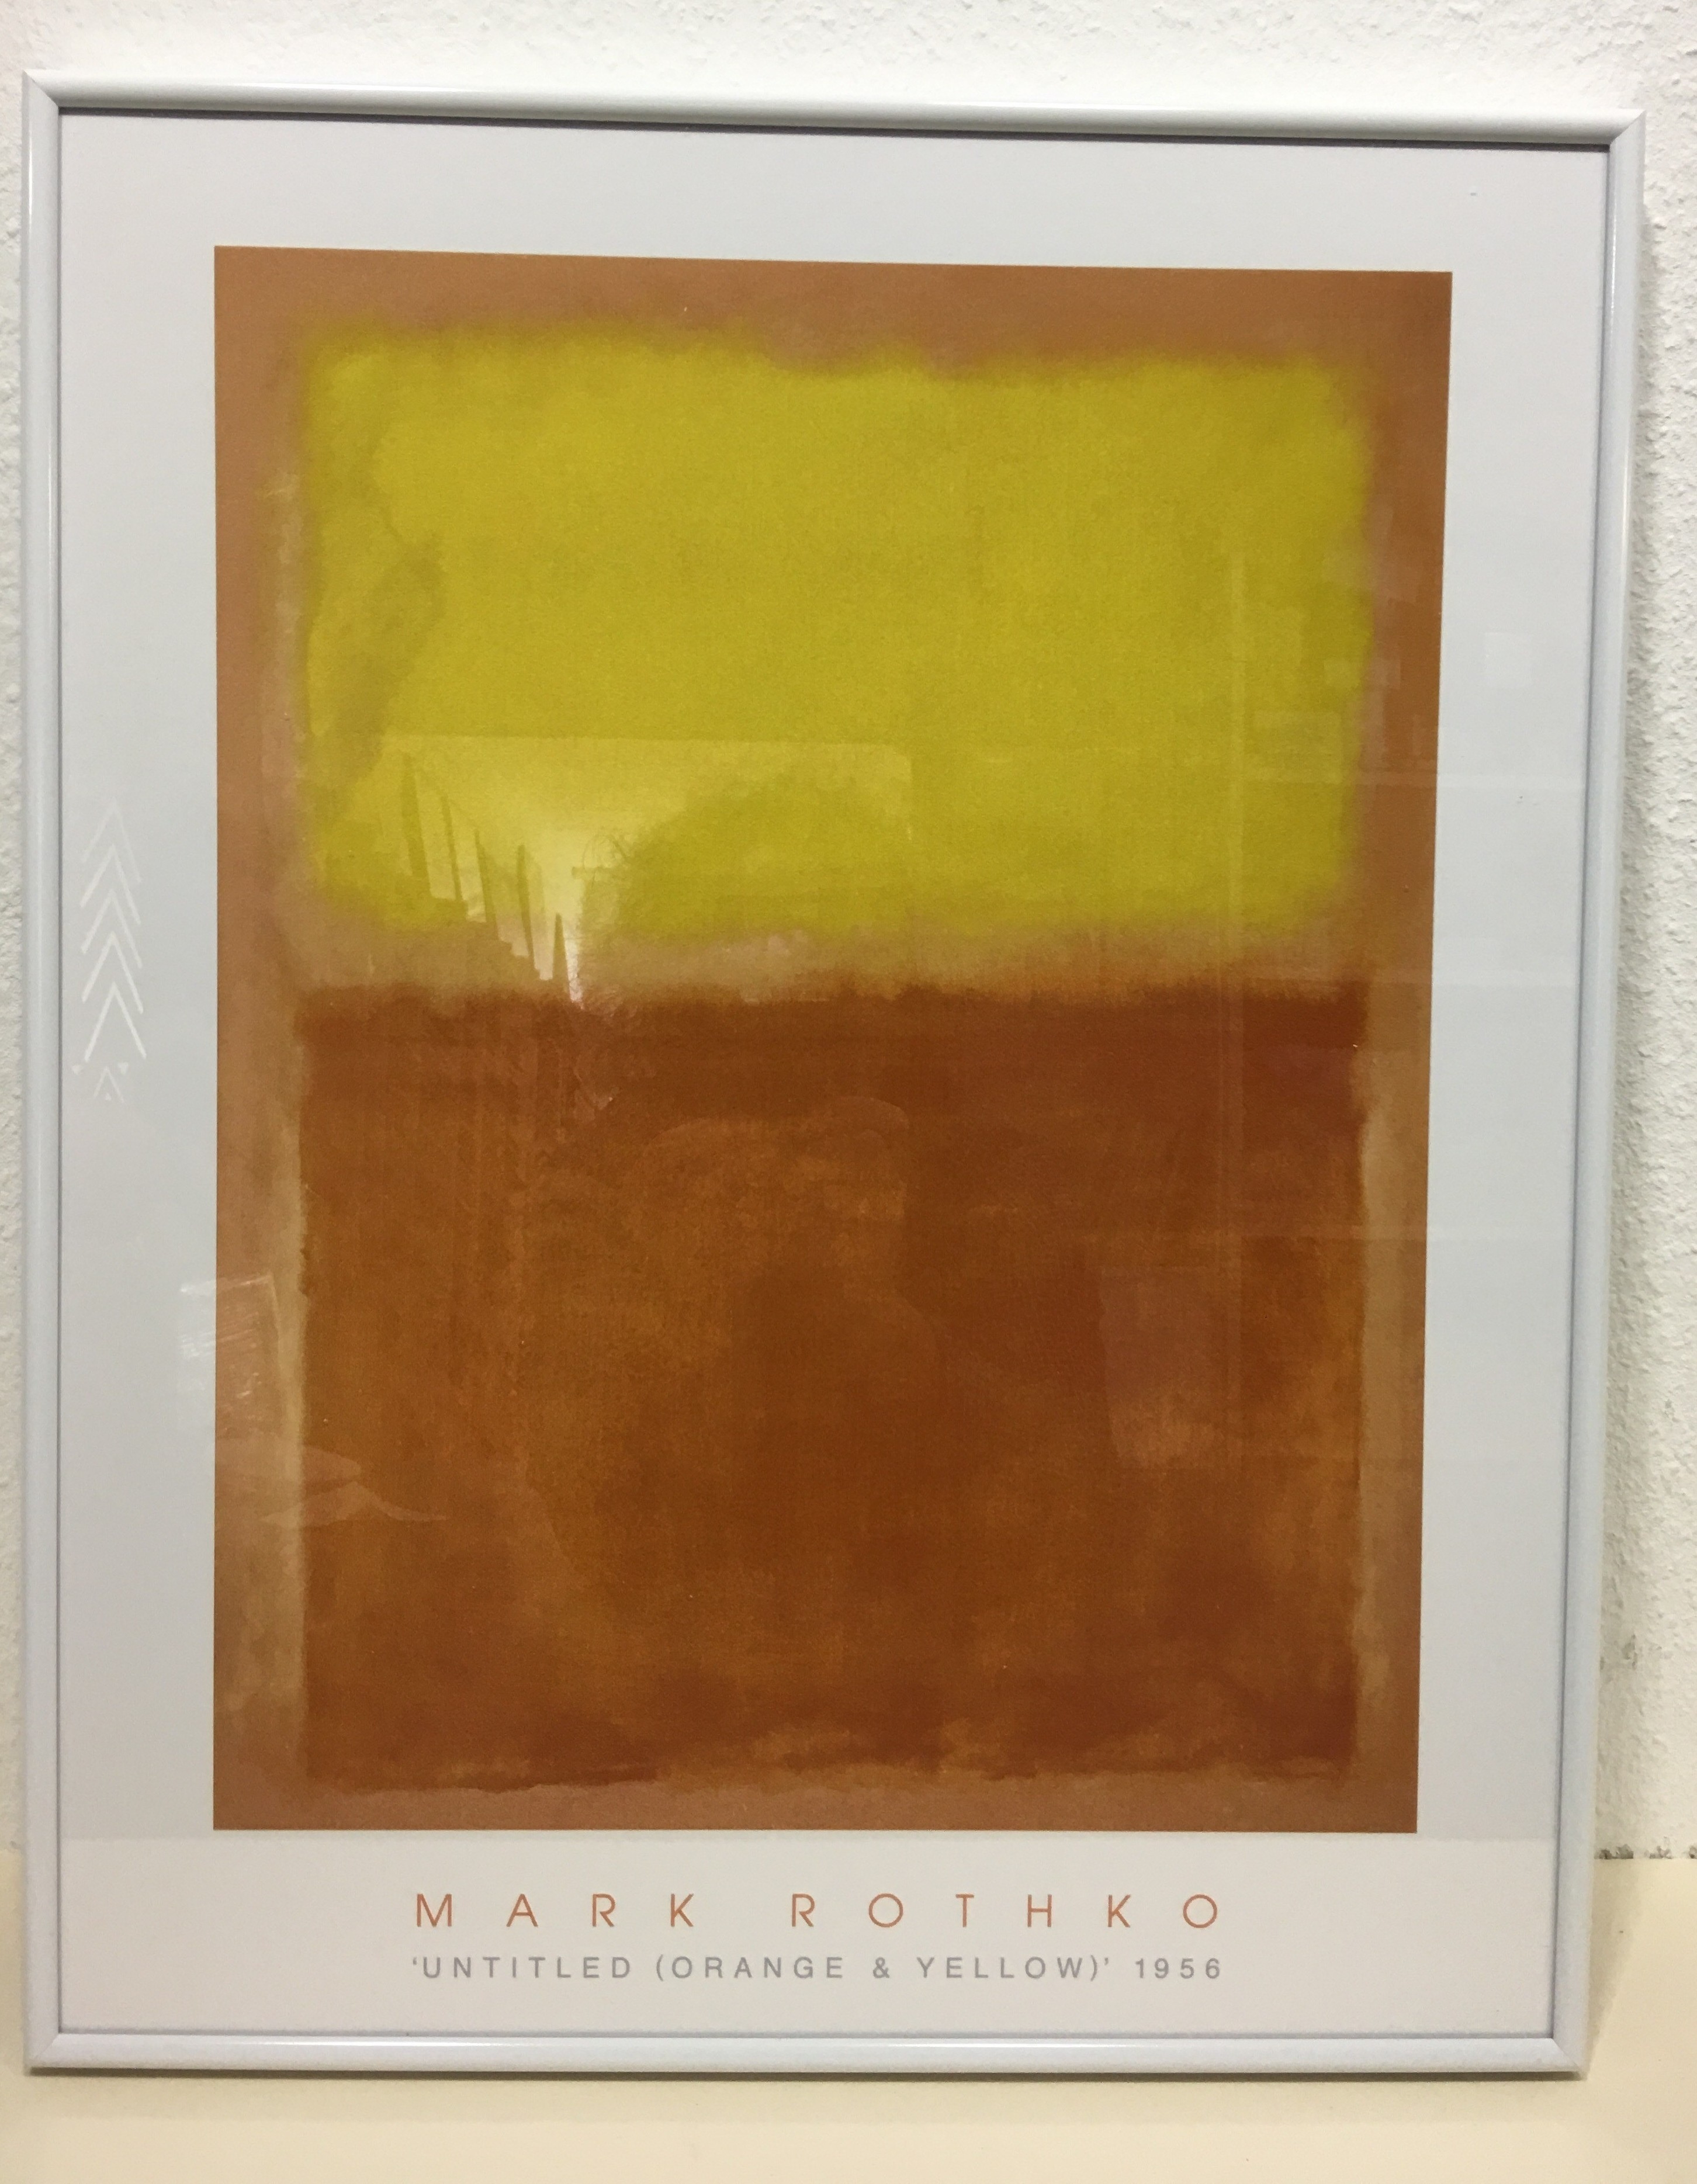 Gerahmtes Bild, Alu weiß, M. Rothko, Orange and Yellow-1956 (Abstrakte Malerei, abstrakter Expressionismus, meditativ, Farbfelder, verschwommen, Farbwolken, Farbschleier, Transparenz, Klassische Moderne, Büro, Business, Wohnzimmer, orange/gelb)